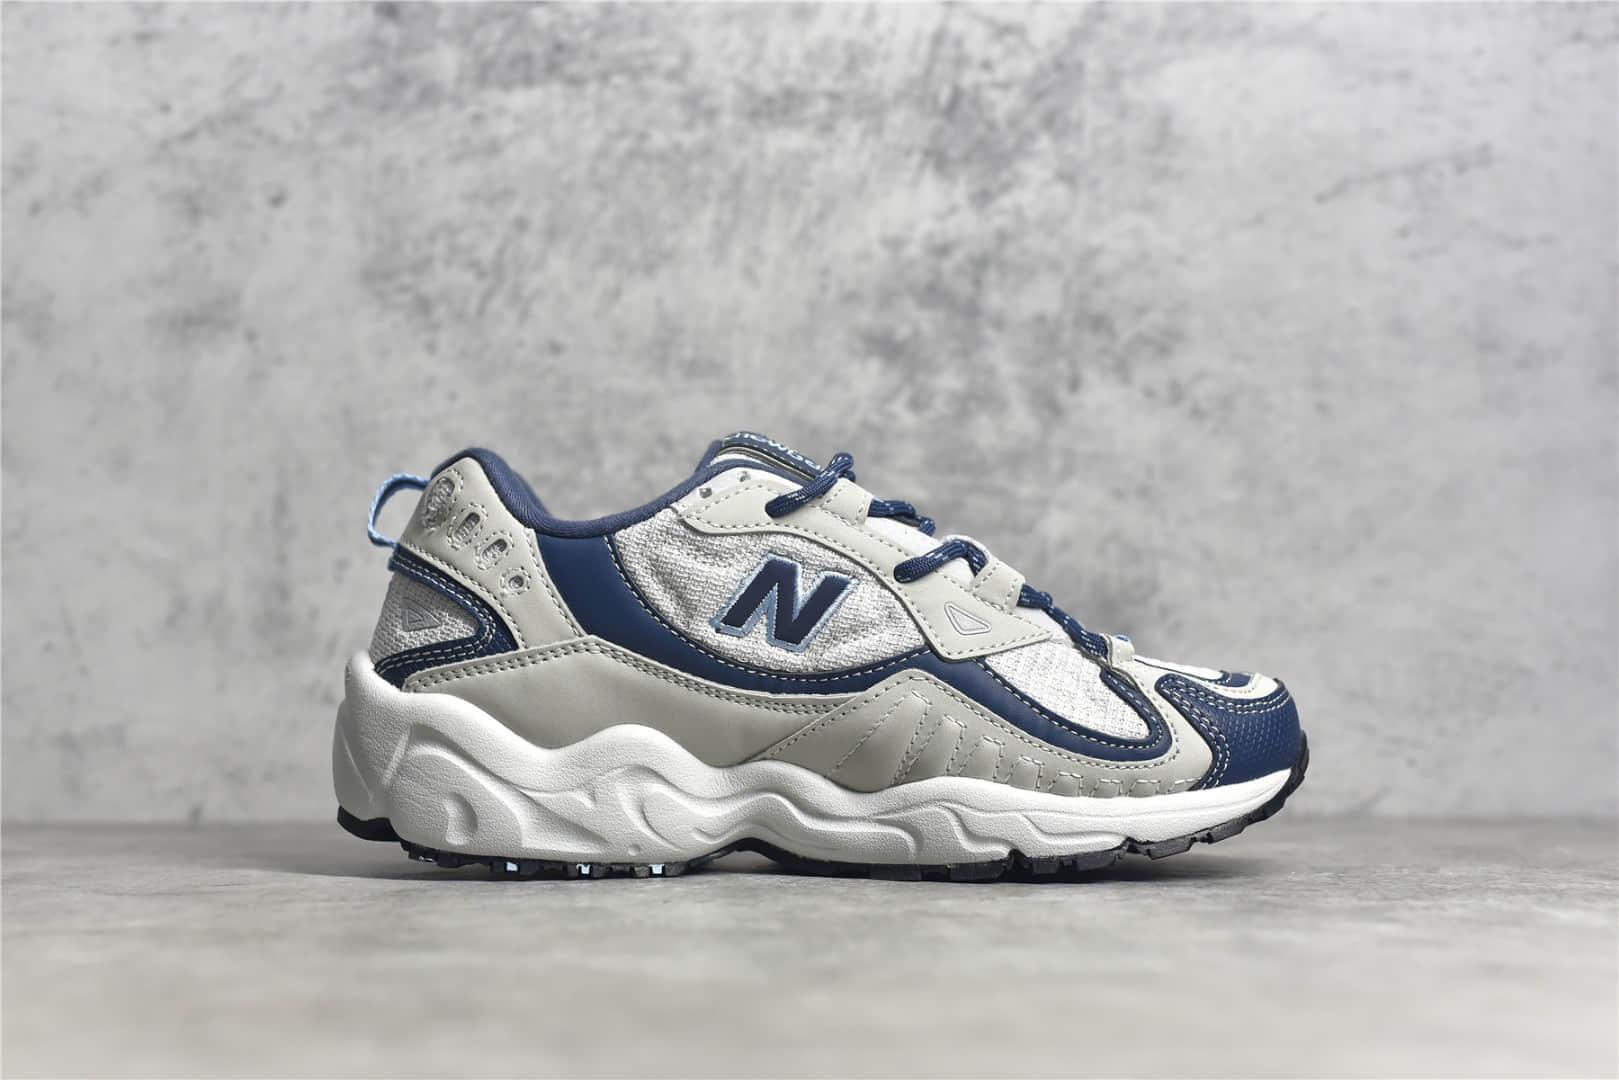 新百伦NB703灰色老爹鞋 美国新百伦 New Balance ML703系列 NB新款轻跑鞋 货号:WL703CLB-潮流者之家